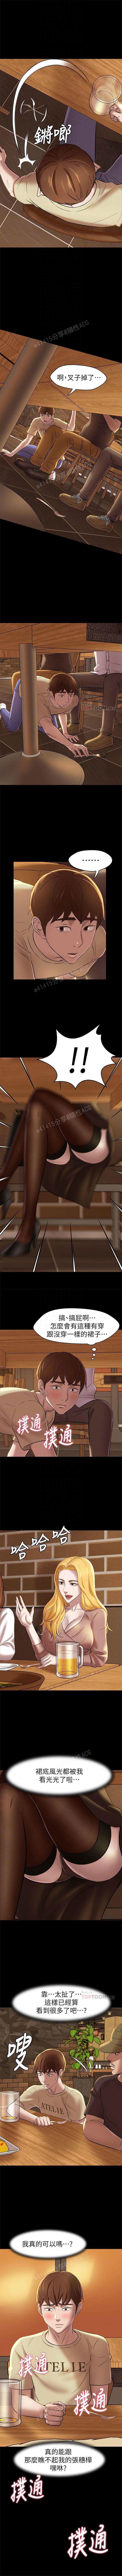 panty note 小褲褲筆記 小裤裤笔记 01-35 连载中 中文 重新排序 Reorder 133